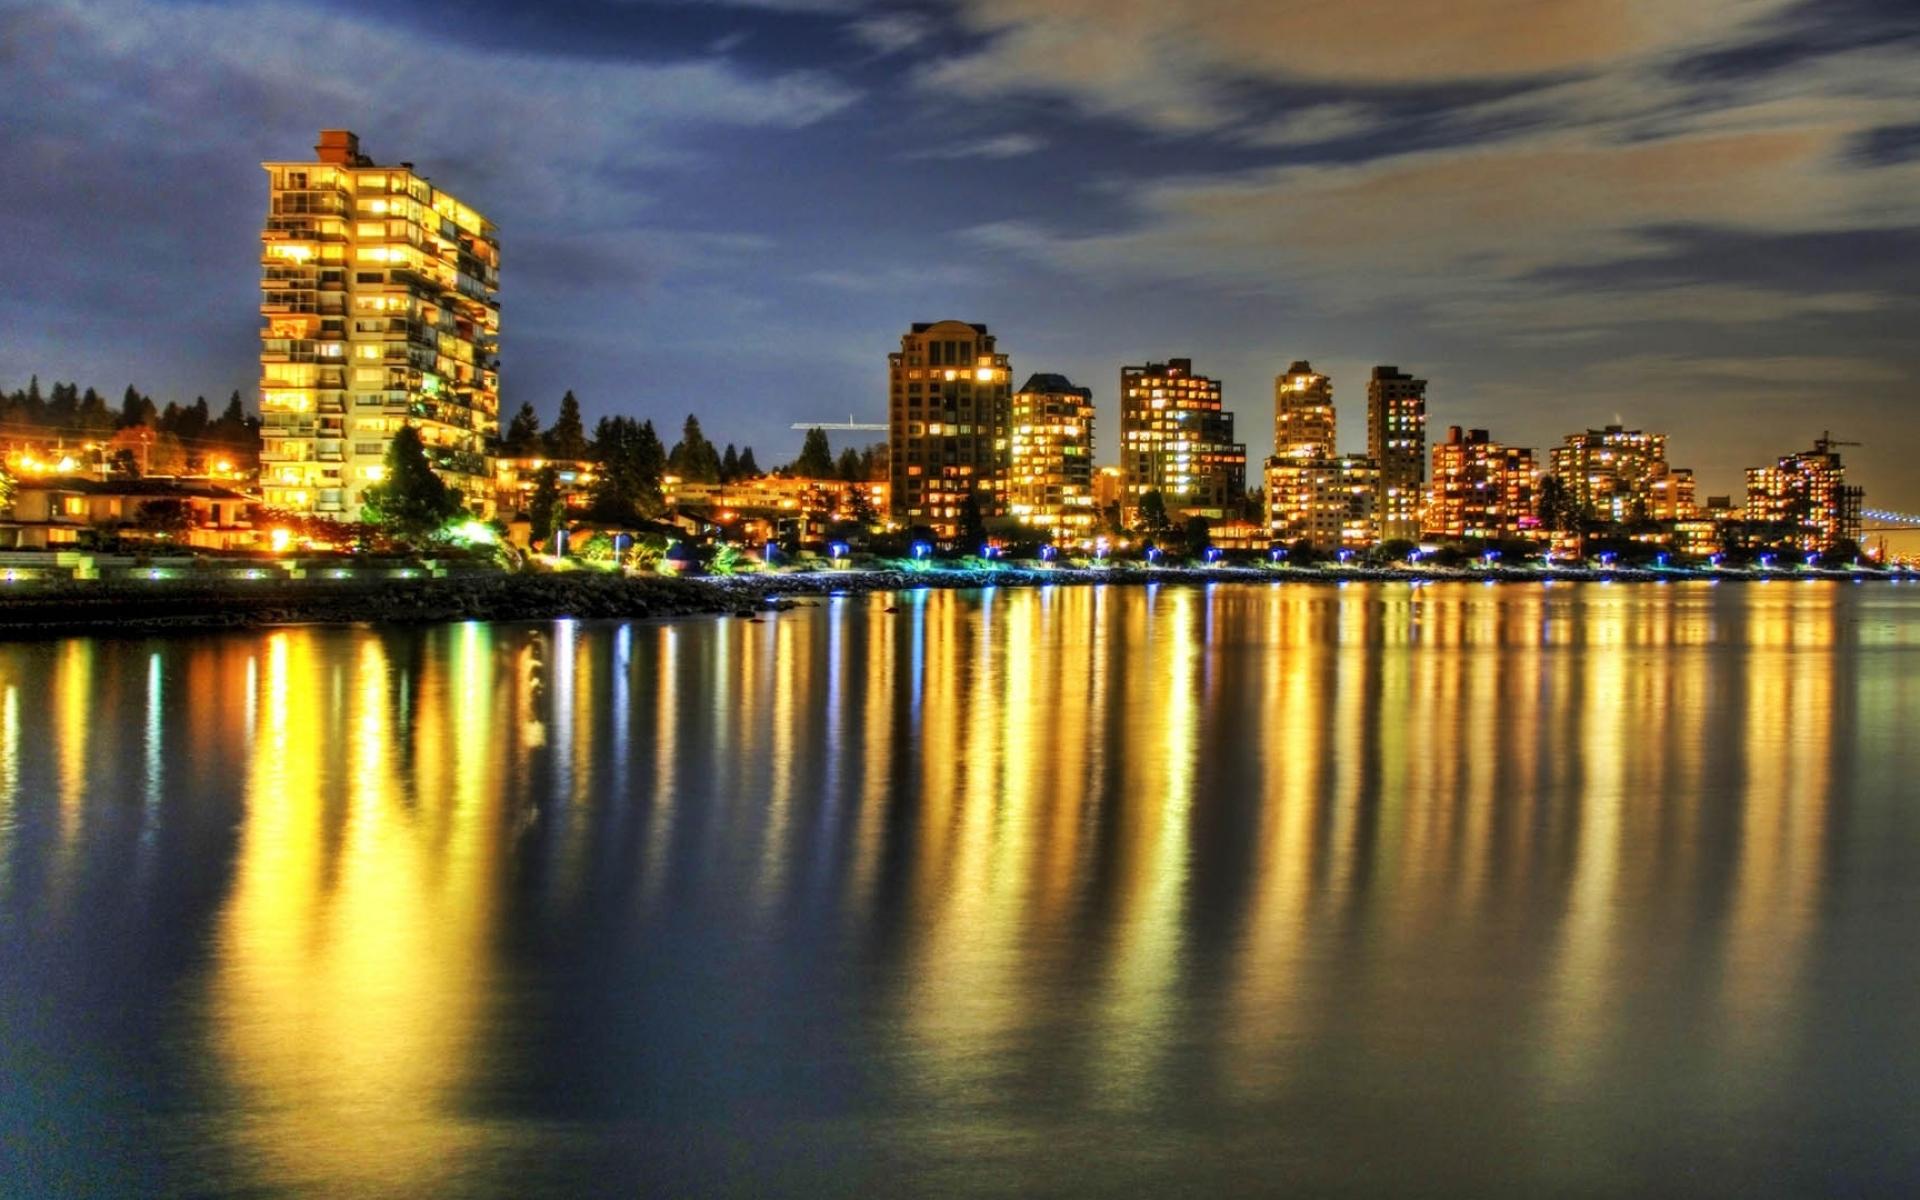 Картинки Здания, река, отражение, ночь, пляж фото и обои на рабочий стол